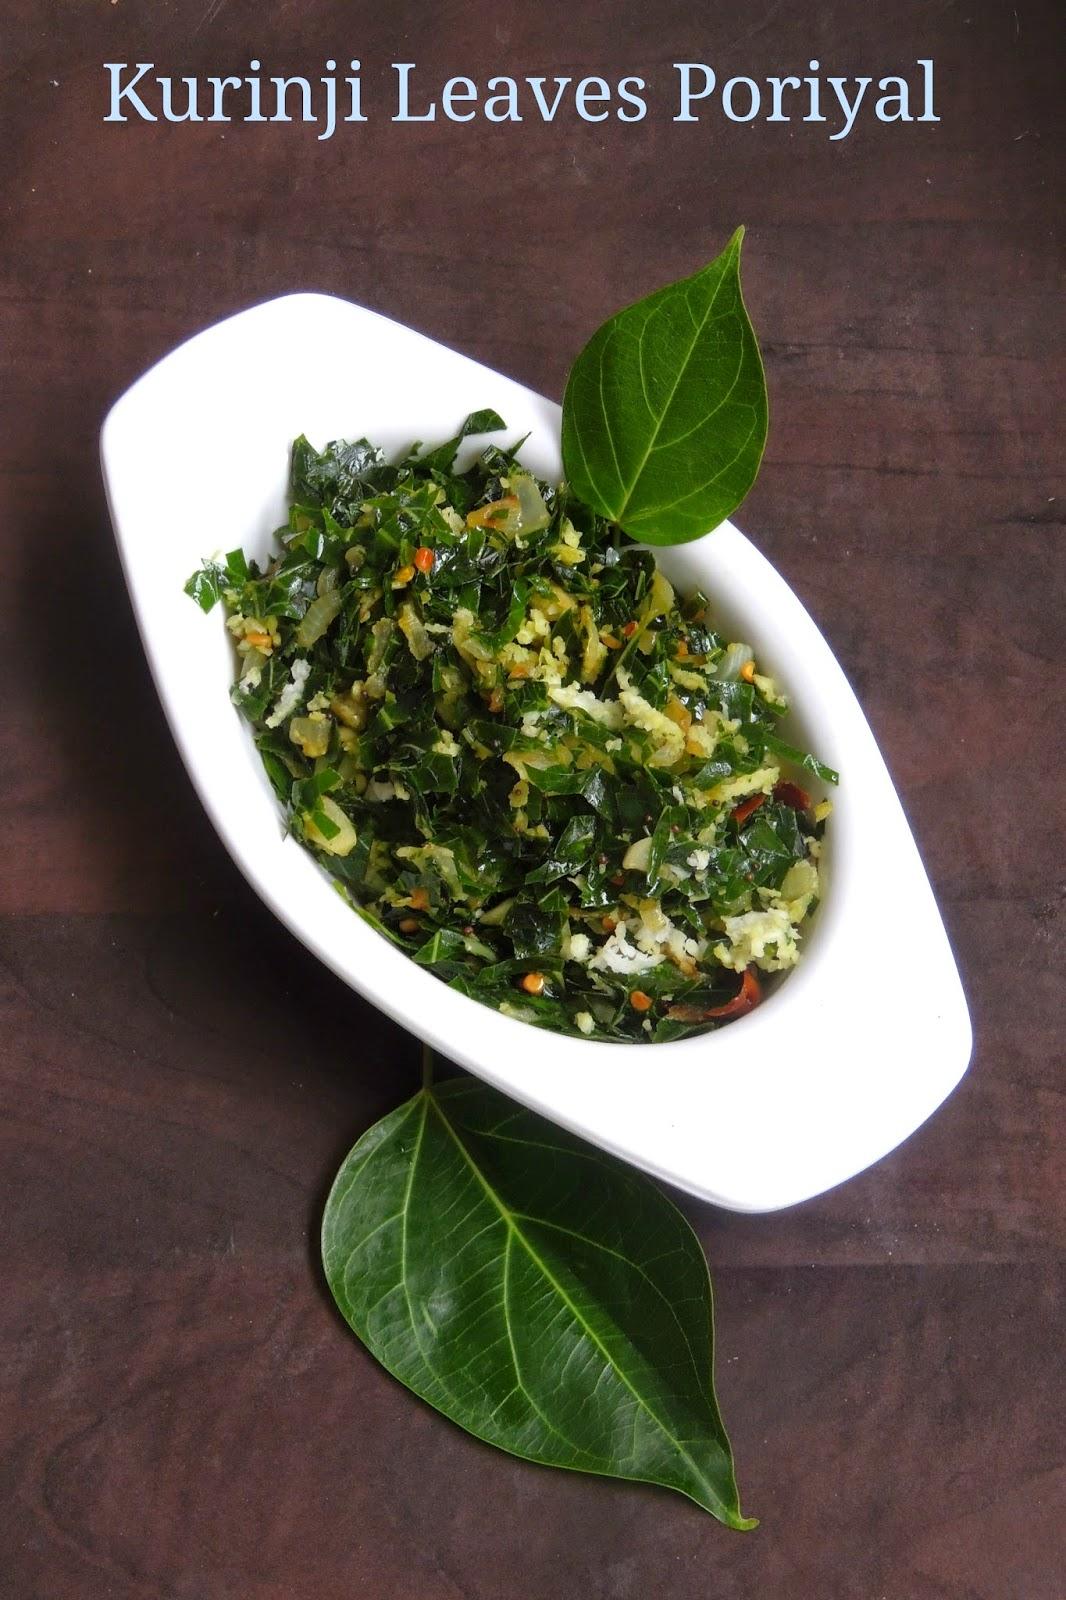 Healthy Kurinji leave stir fry, Kurinji ilai poriyal